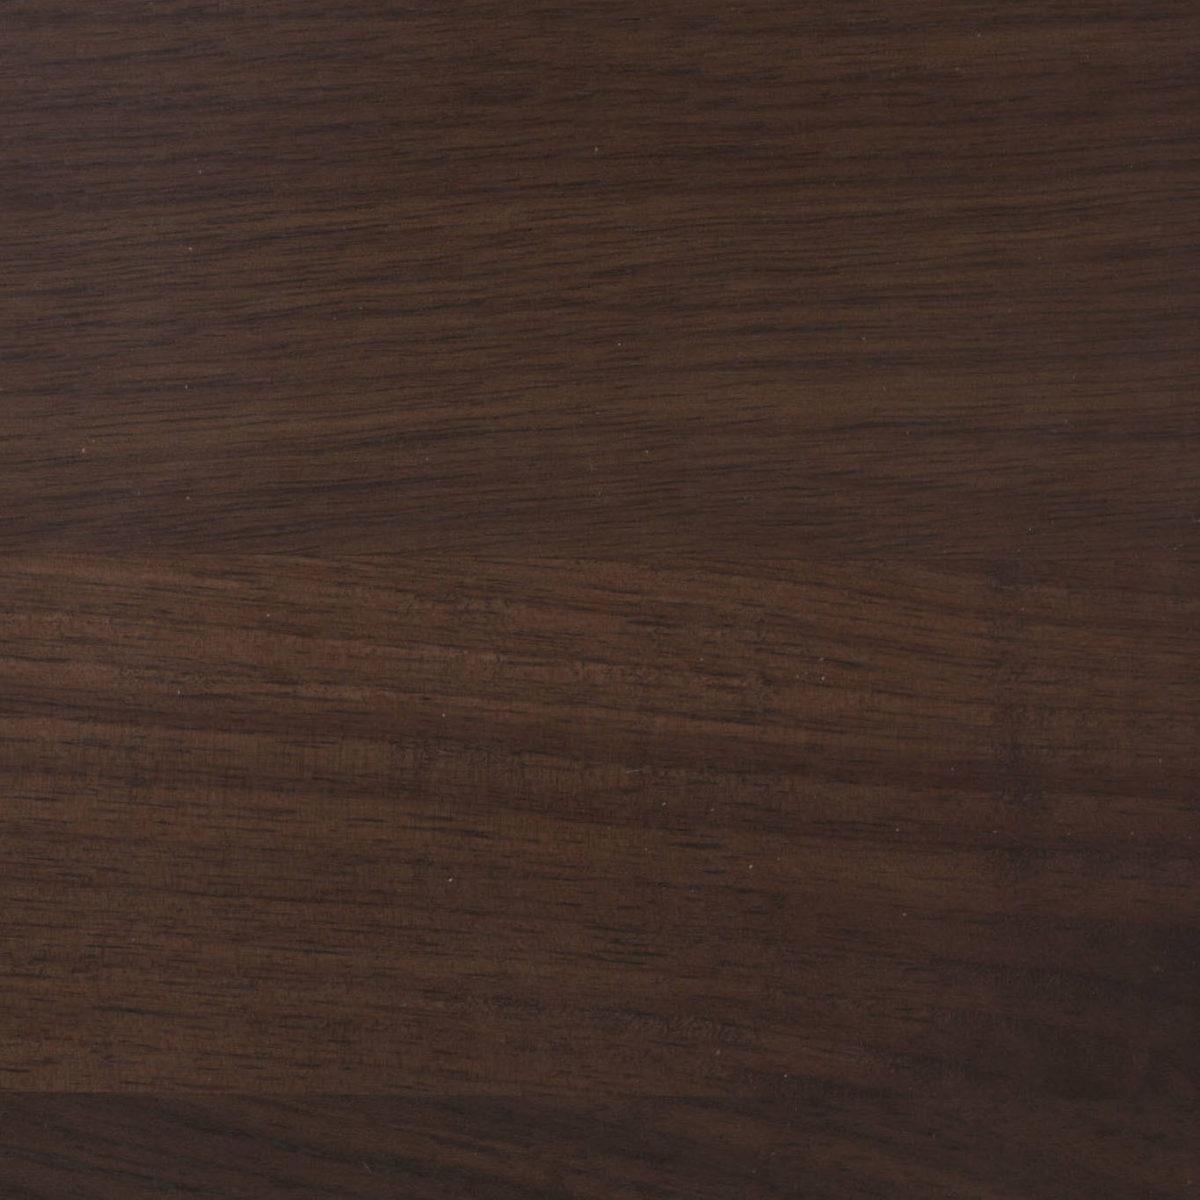 21 Walnut Wood Sample